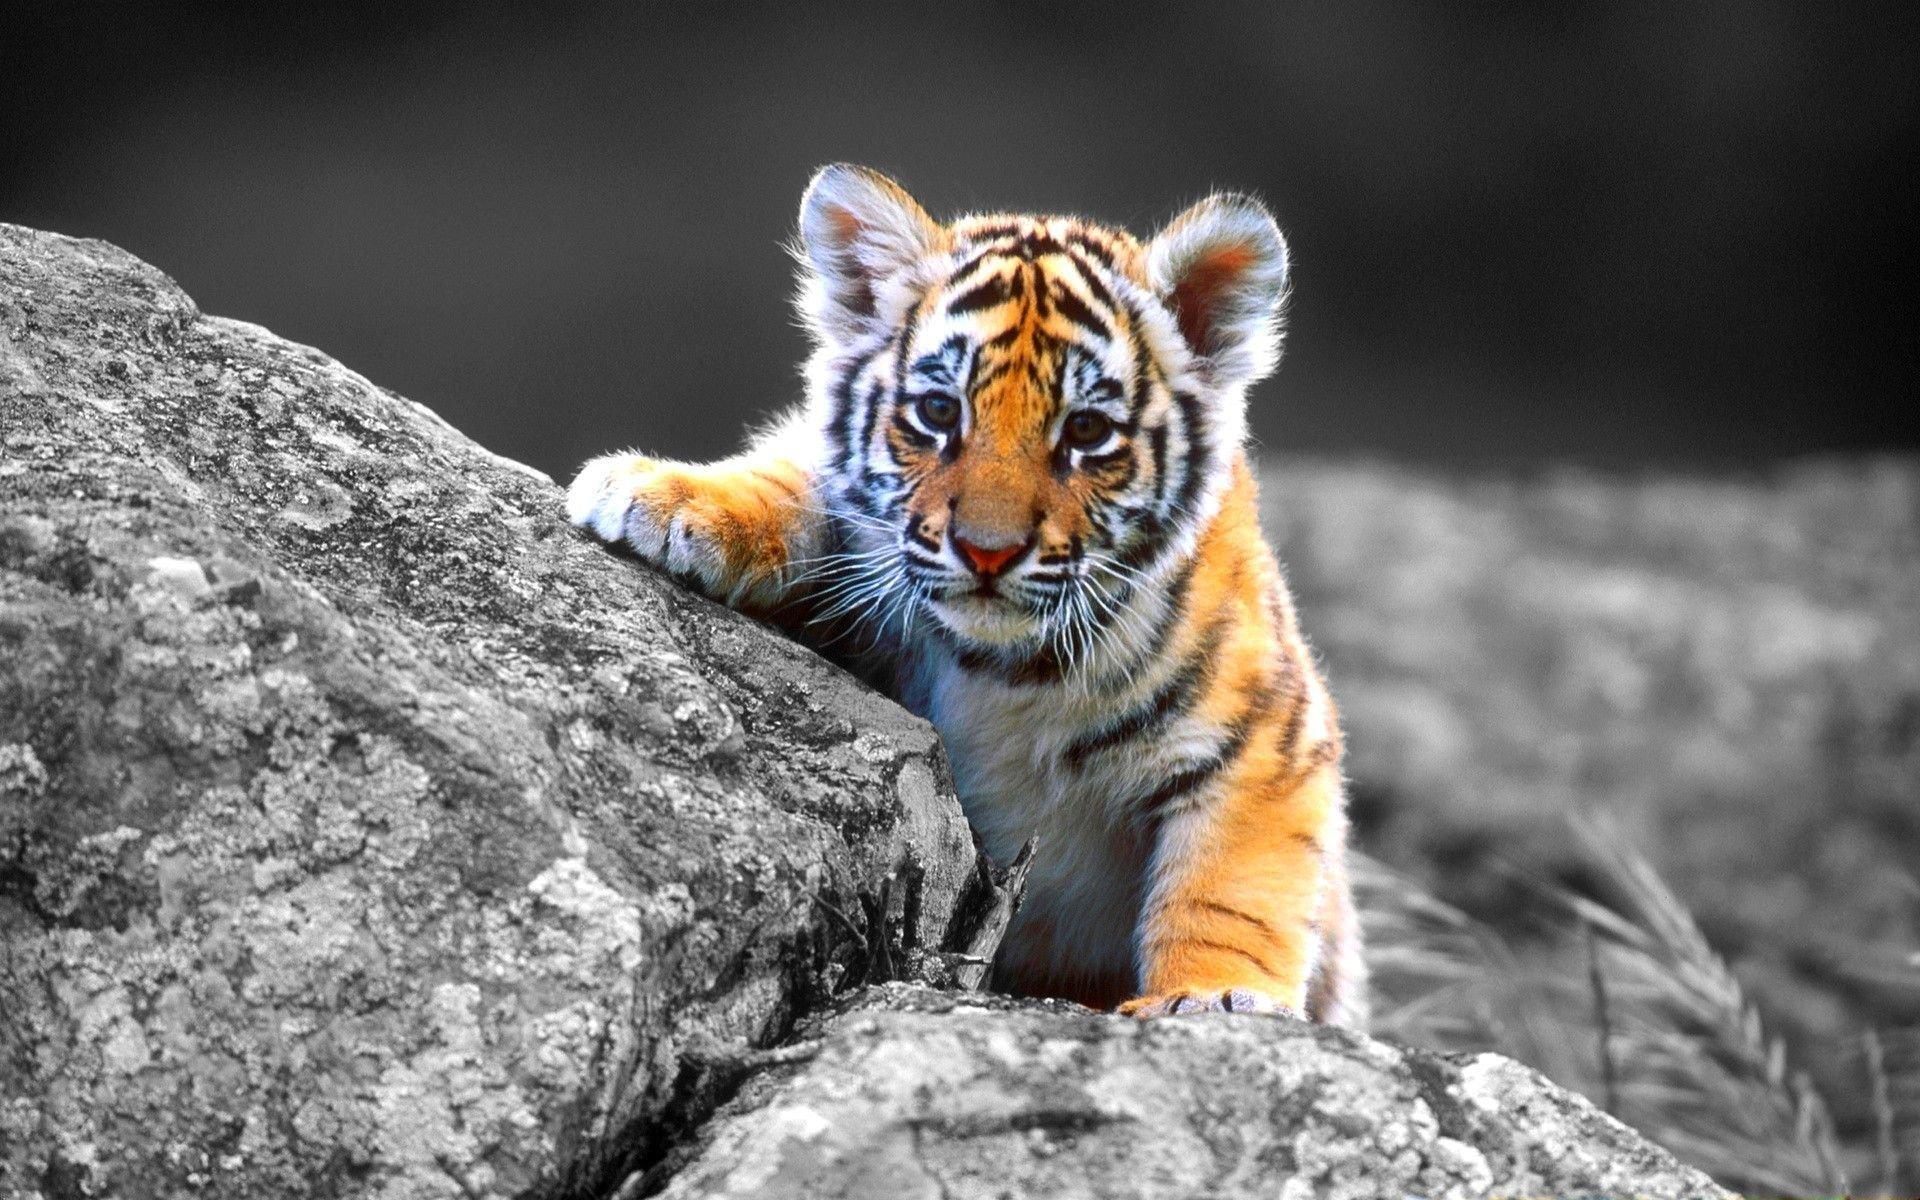 фотографии животных высокого разрешения реалии, которыми сегодня